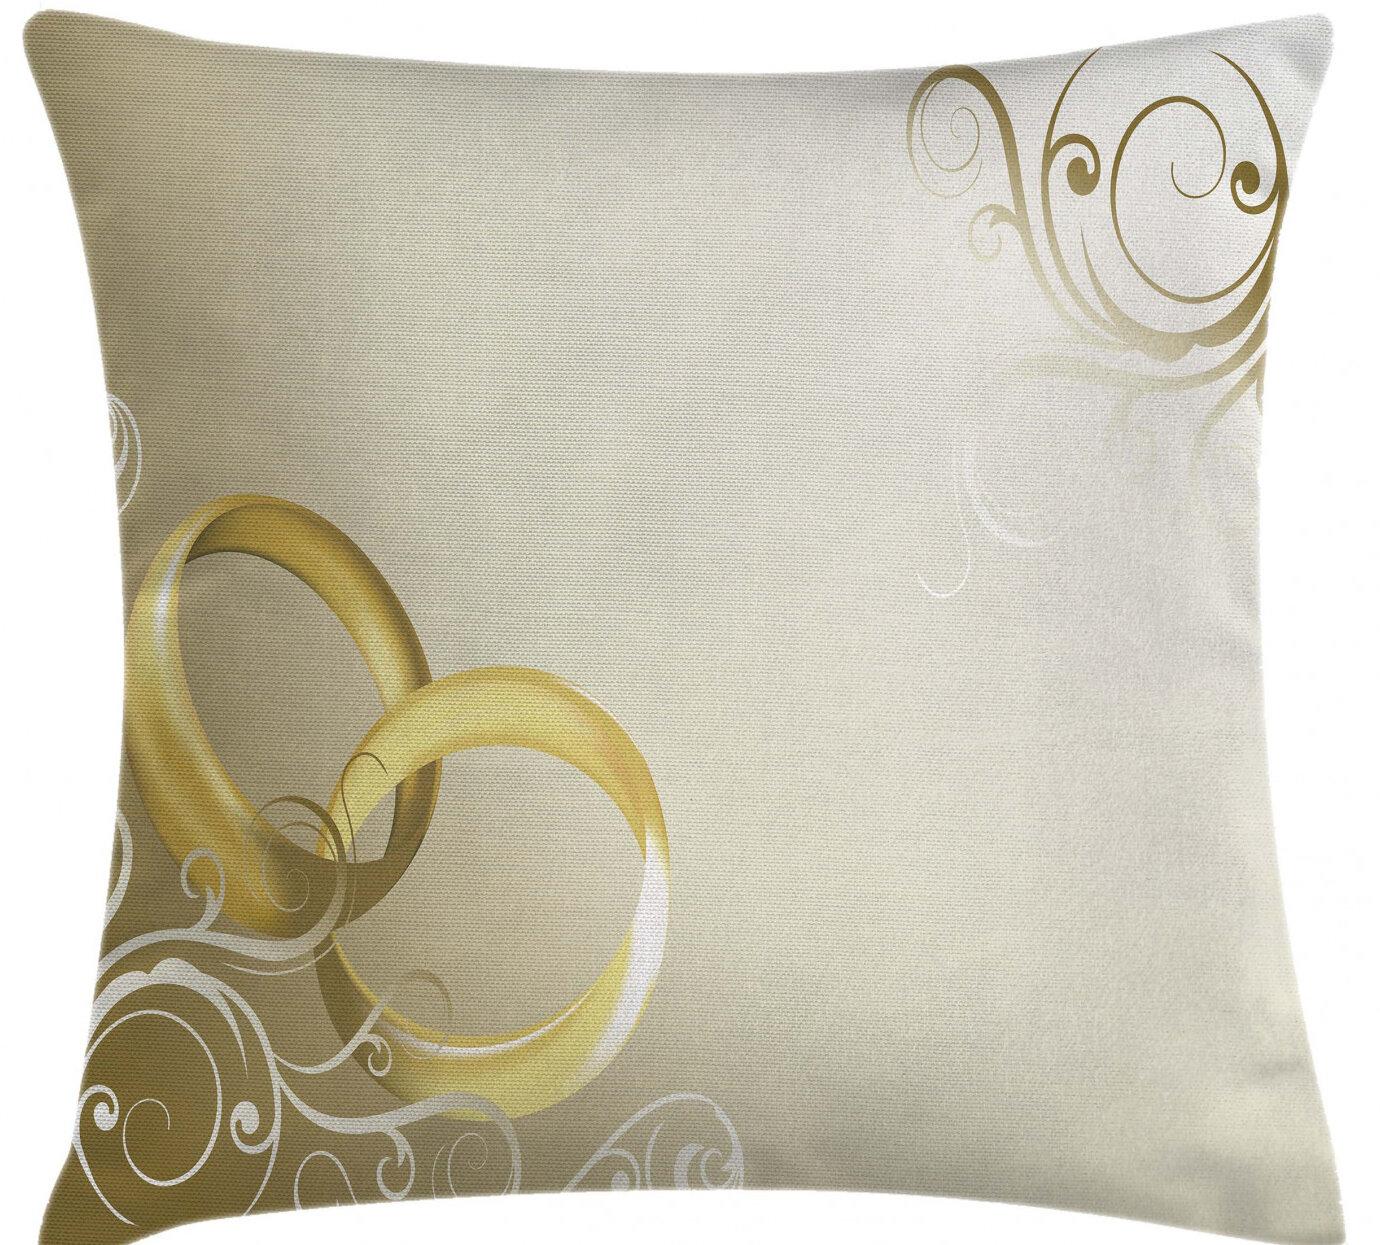 East Urban Home Indoor Outdoor 26 Throw Pillow Cover Wayfair